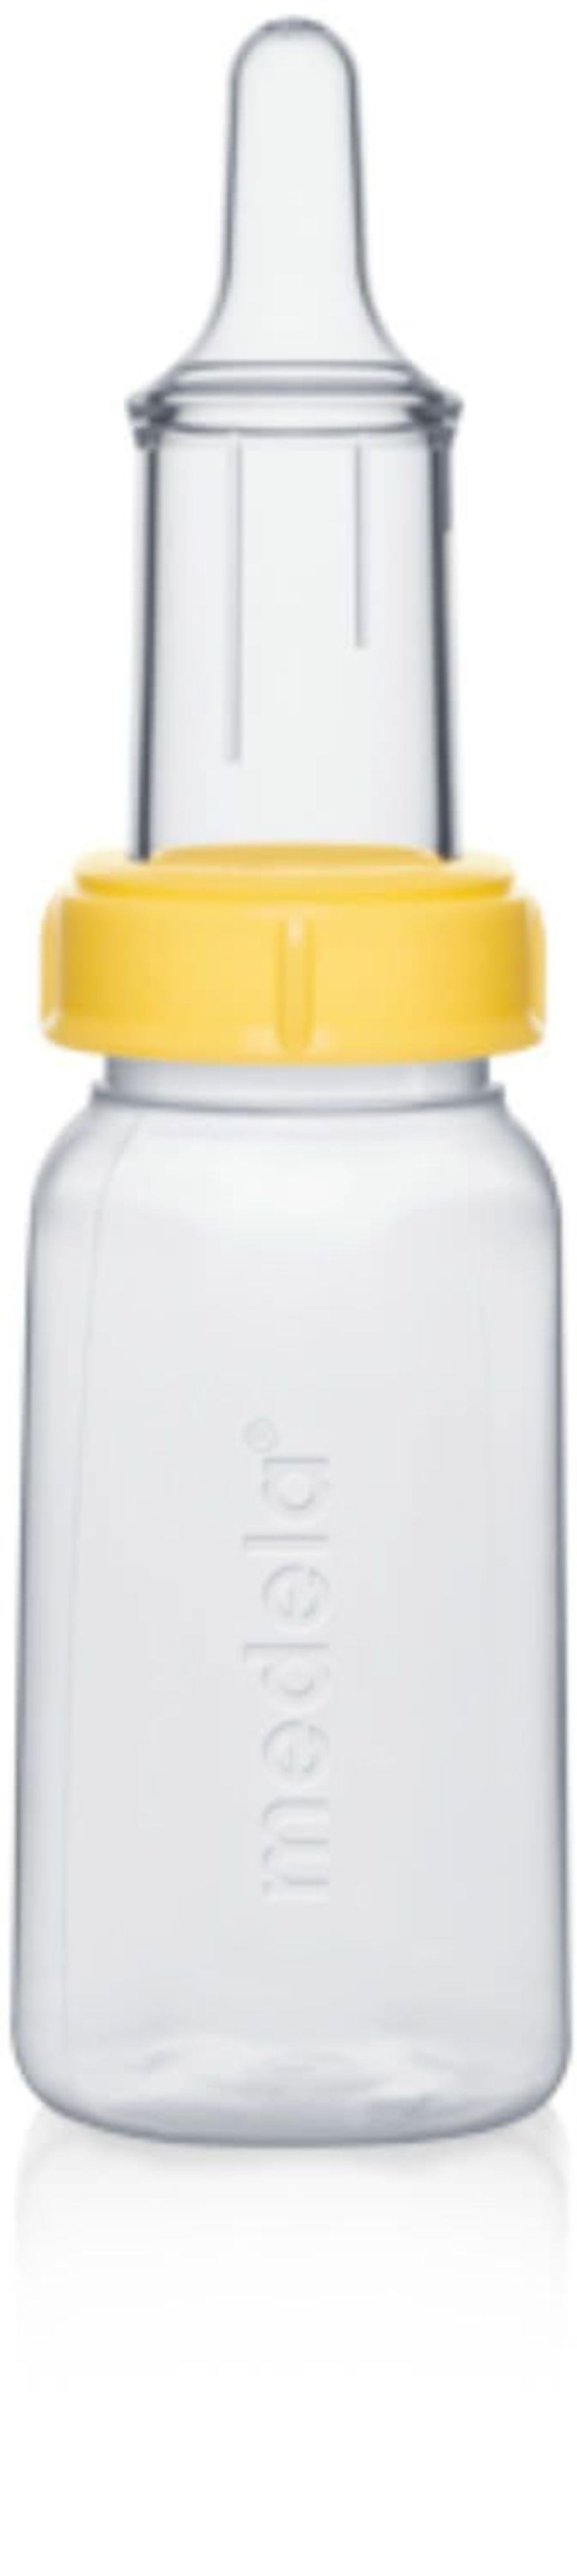 Baby bottle polypropylene / without bisphenol A SpecialNeeds Medela AG, Medical Technology